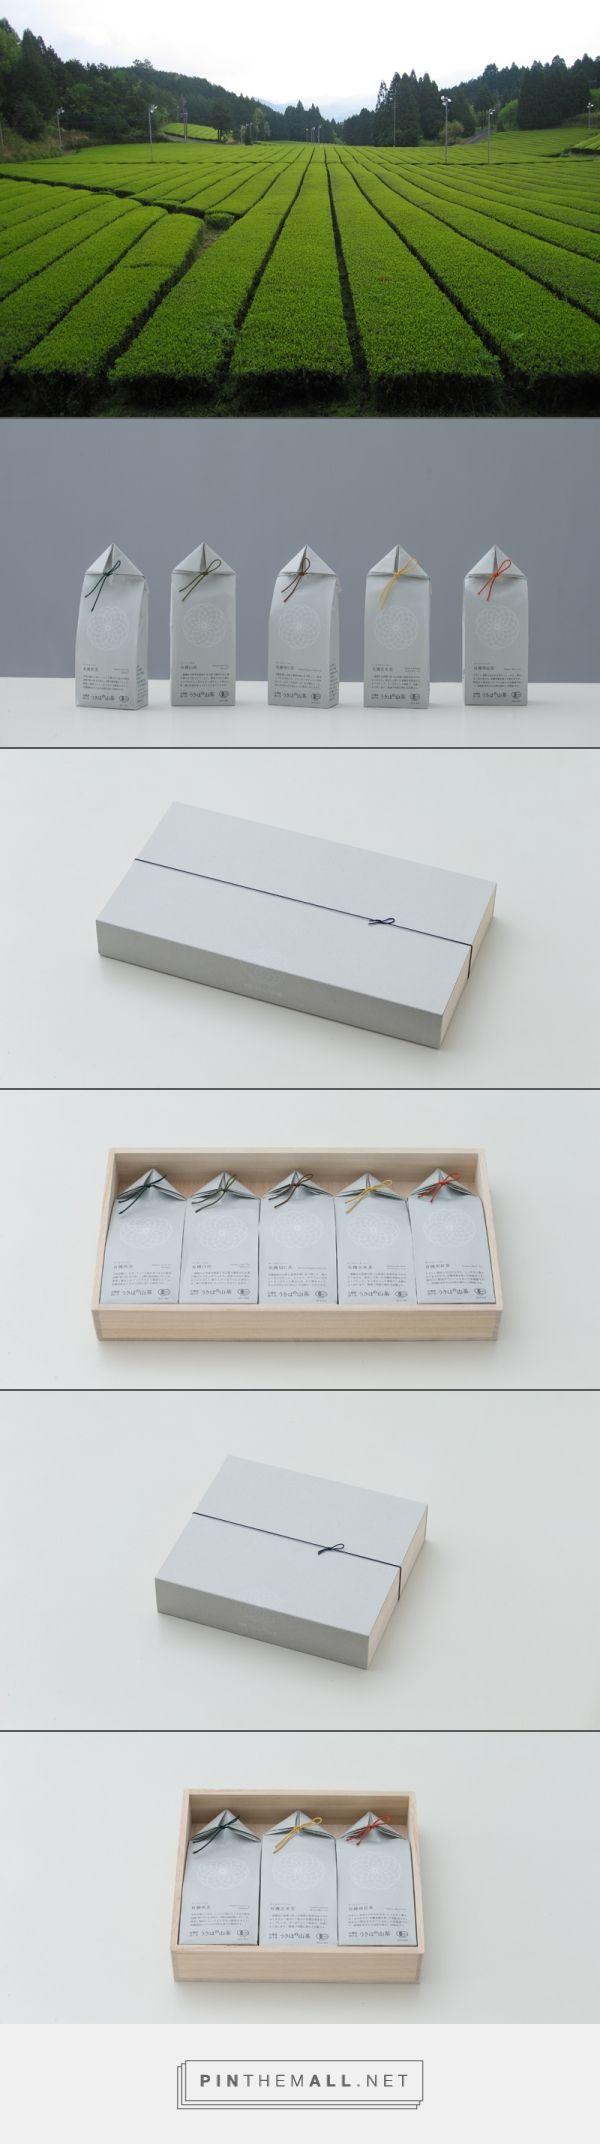 なかにわデザインオフィス:中庭 日出海 - created via https://pinthemall.net